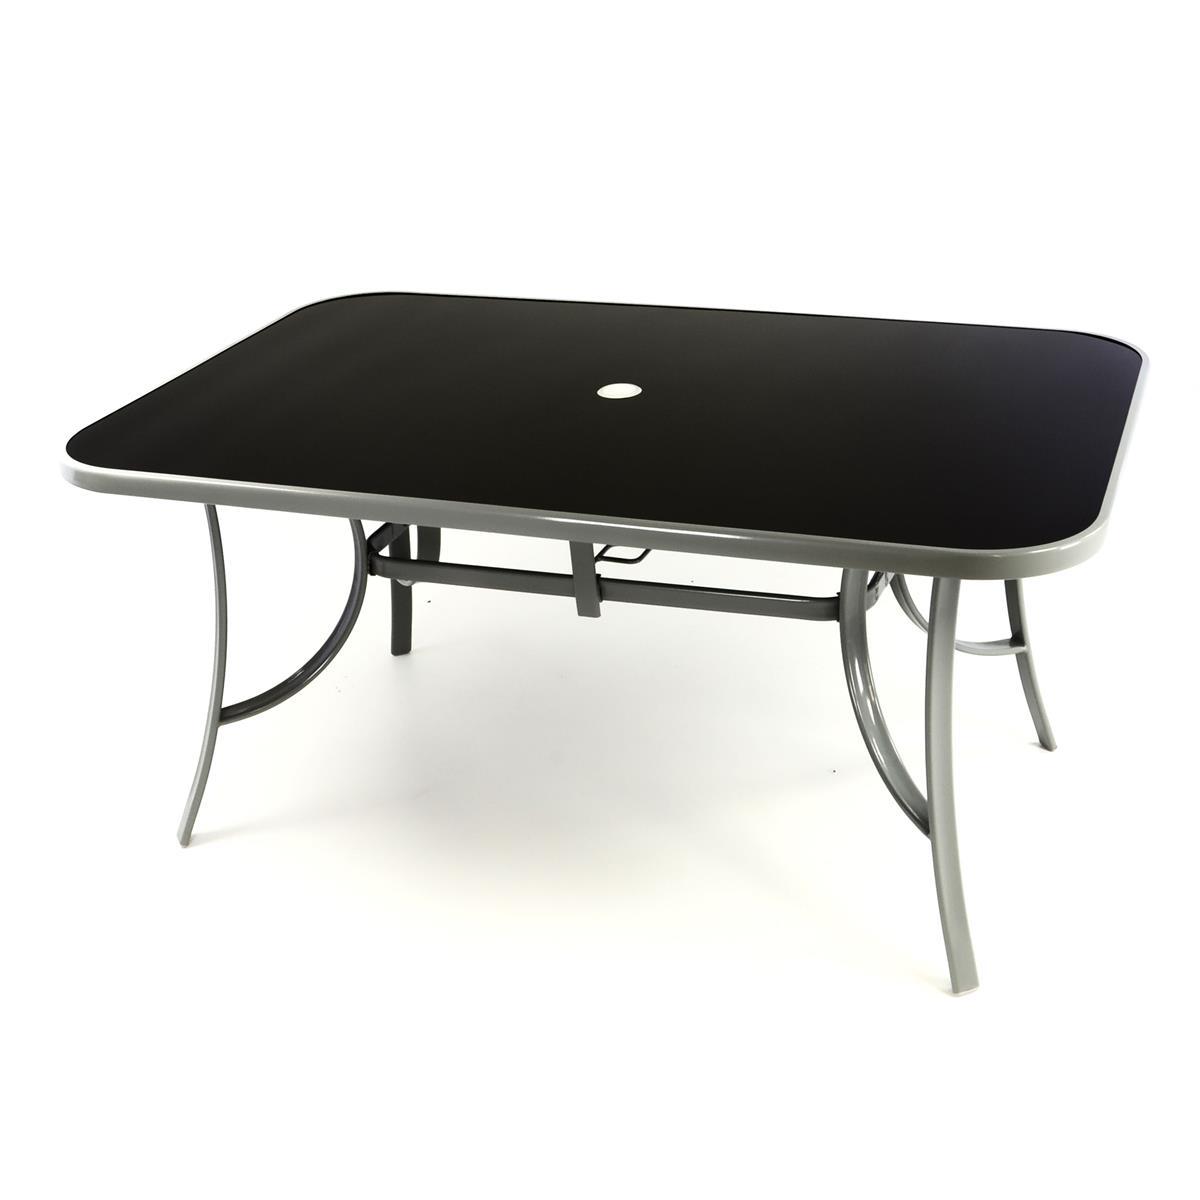 Gartentisch Esstisch Terrassentisch - Glasplatte schwarz - 150 cm - grau - Stahl